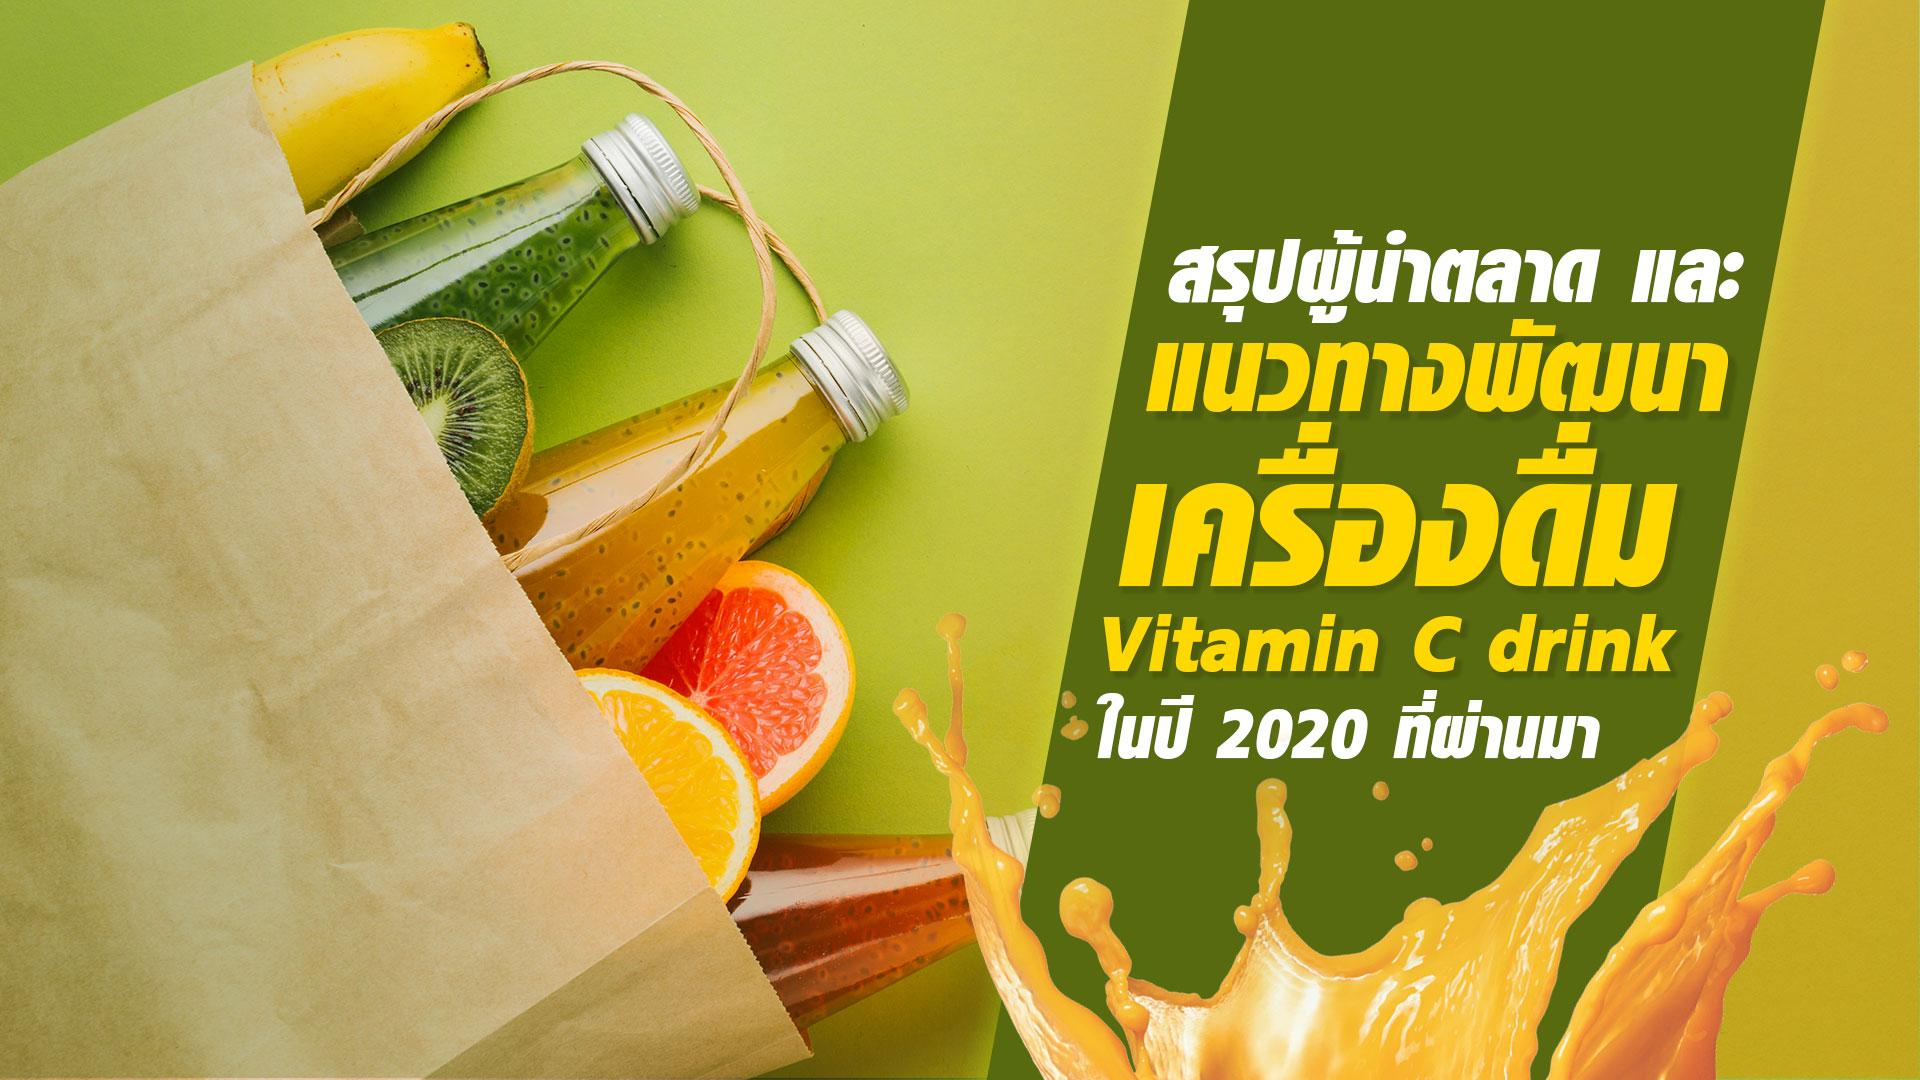 แนวทางการพัฒนาเครื่องดื่มกลุ่ม Vitamin C Drink ในปี 2020